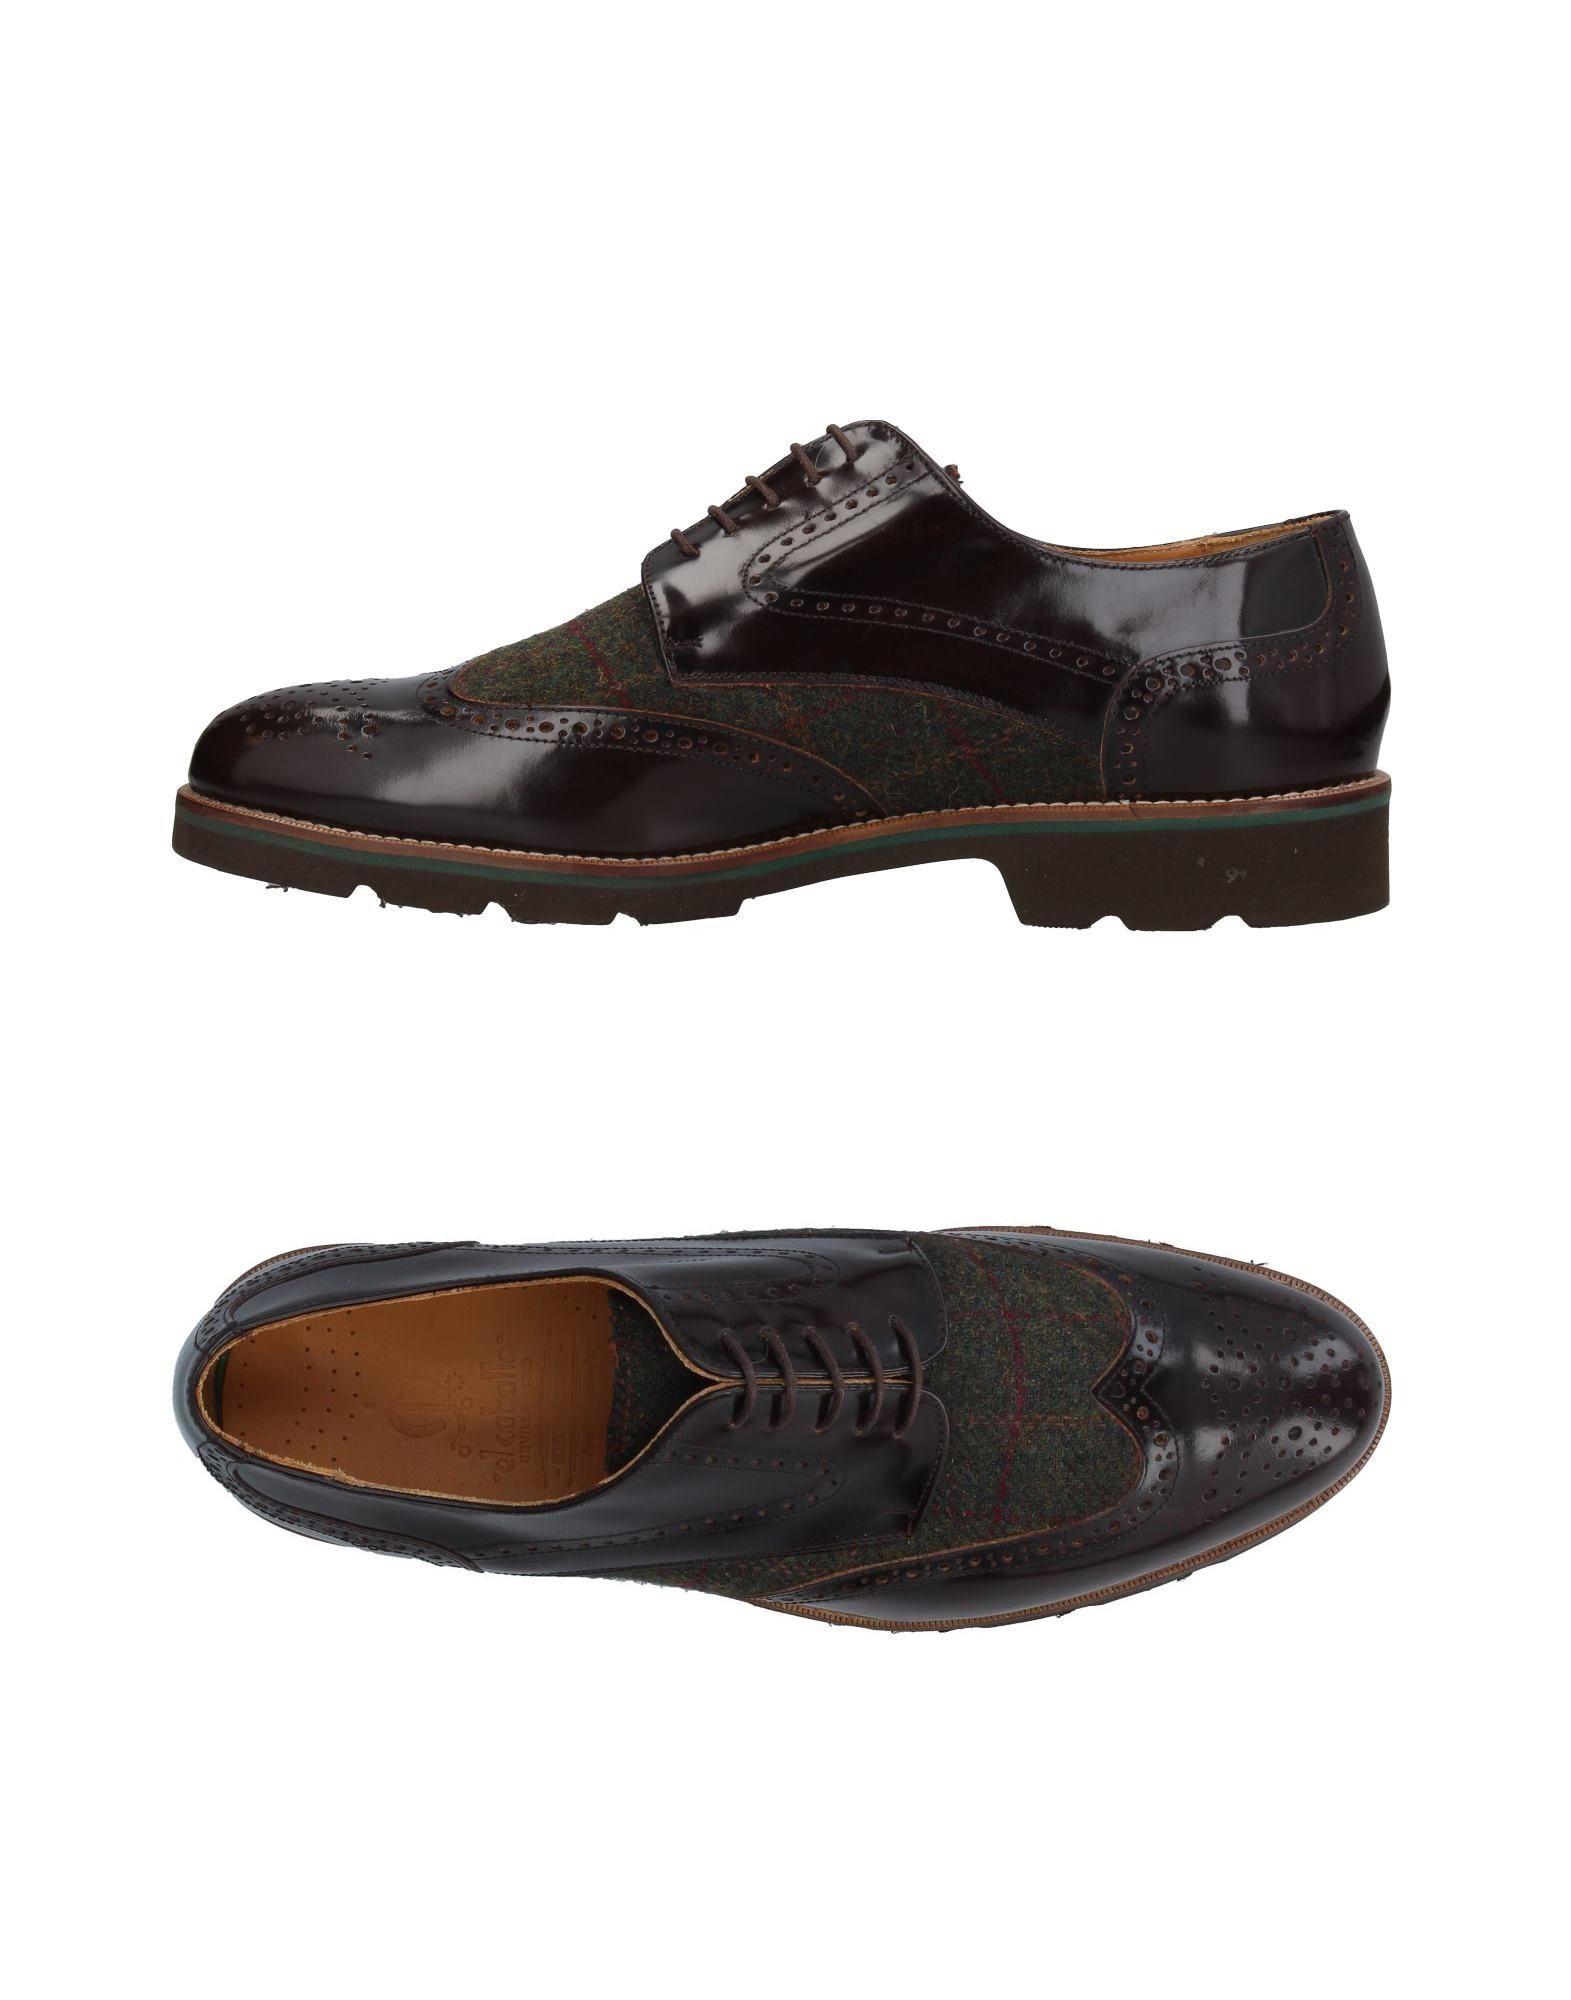 Escompte Combien Magasin De Jeu De Vente Pas Cher CHAUSSURES - Chaussures à lacetsEL CABALLO Vente Pas Cher Livraison Gratuite Paiement De Visa A7TzOJIOP